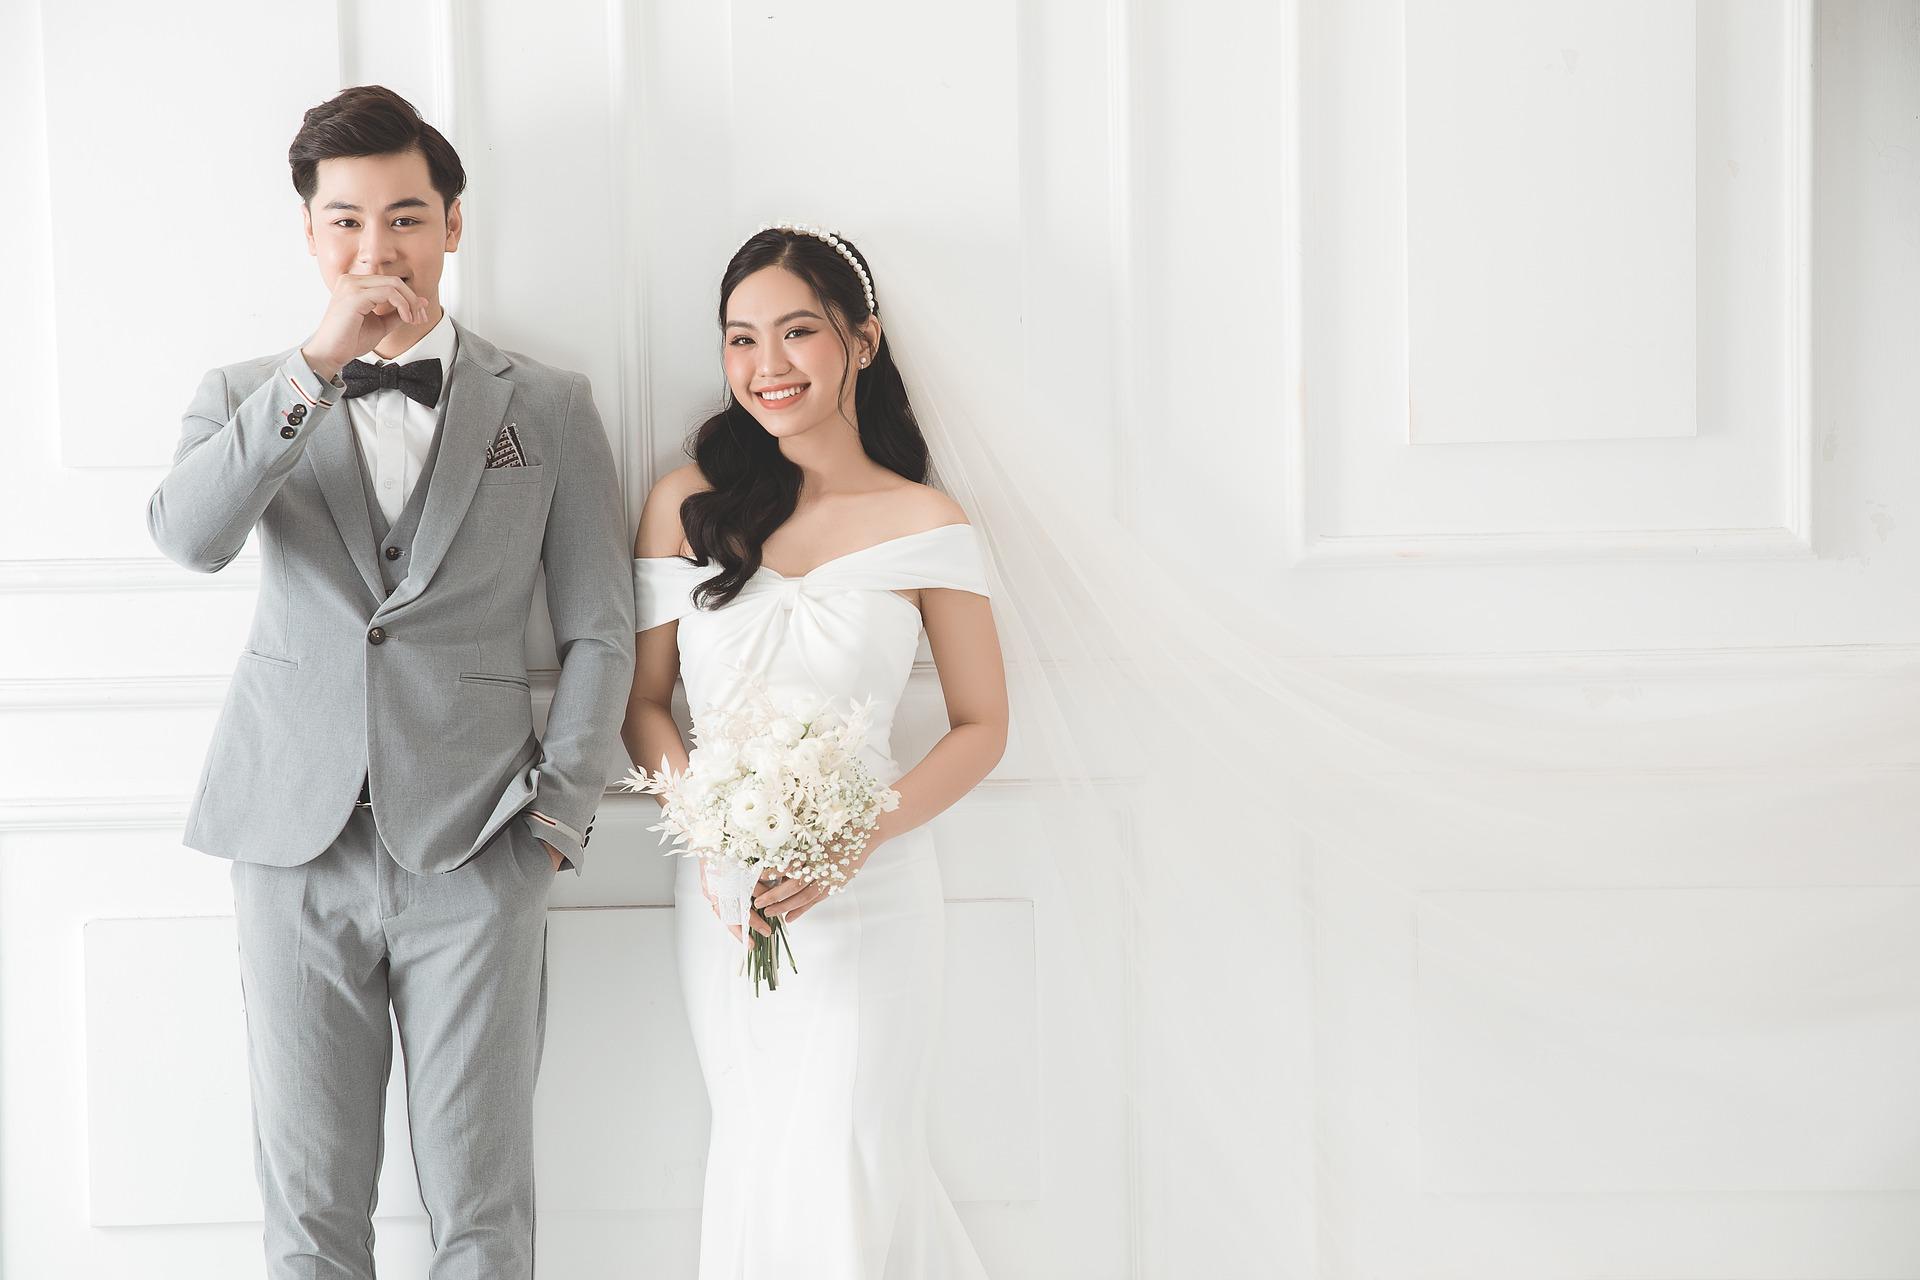 【結婚 いつ 占い】四柱推命 結婚運 見方